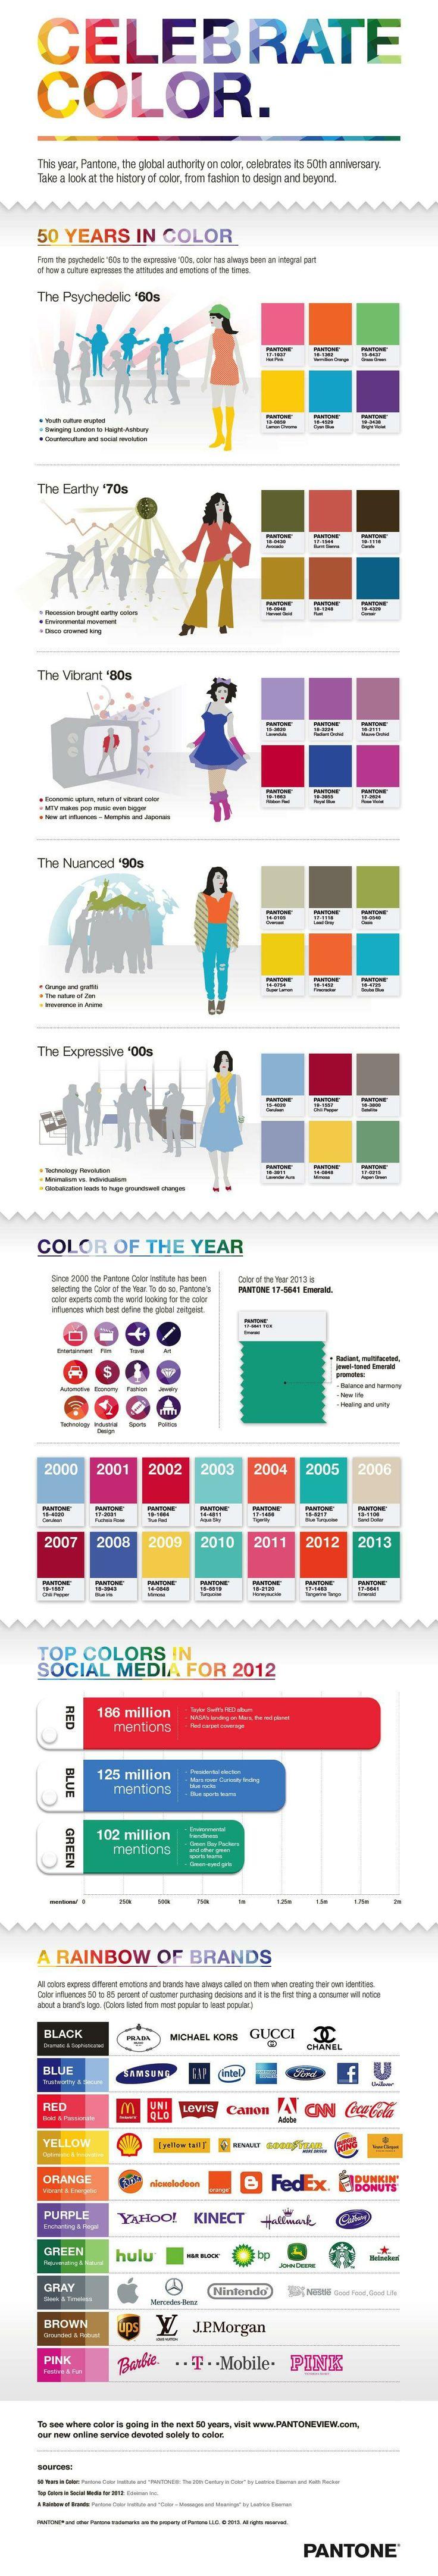 PANTONE fa 50 anys i ho celebra amb aquest infogràfic, que resumeix les Tendències de Color des dels anys 60, impagable! -Pantone cumple 50 años y lo celebra con este infográfico, que resume las tendencias de color desde 1960, un MUST! - Pantone celebrates 50 years of color with this Infographic on their Color Trends since the '60s. GREAT!!!